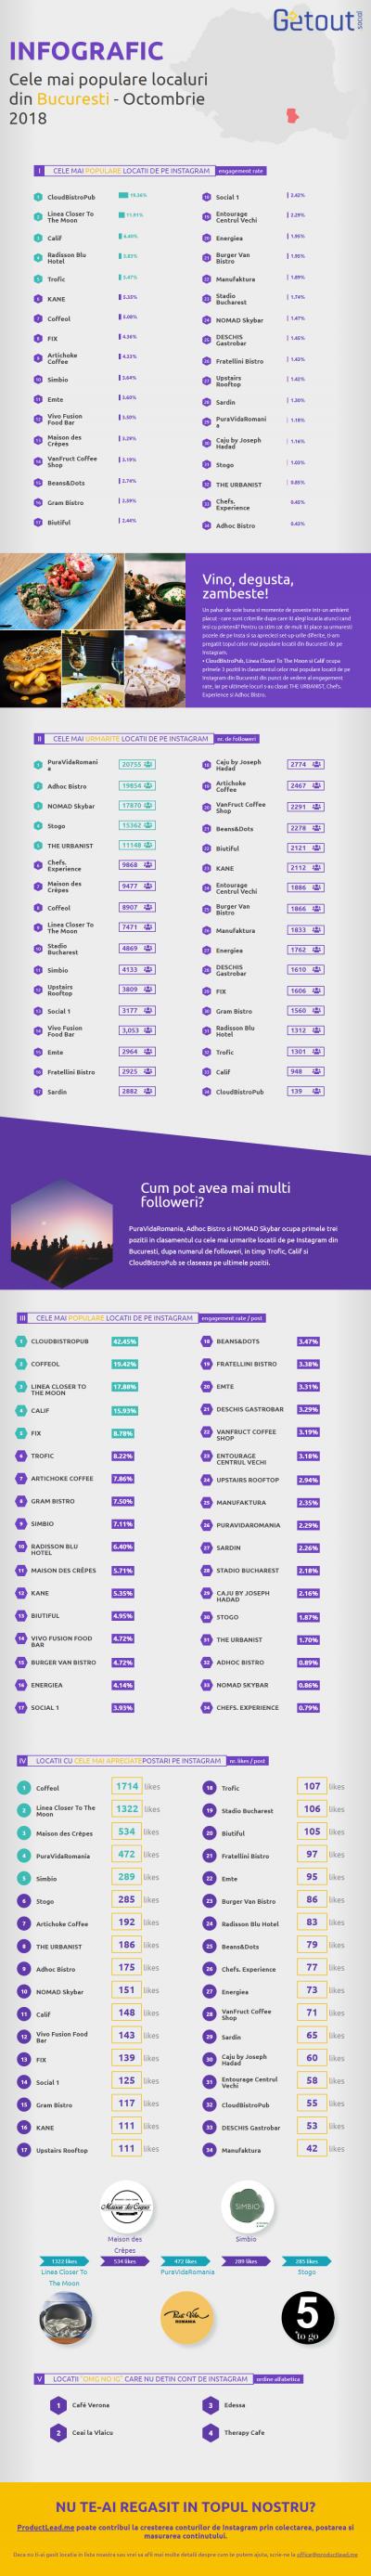 Descoperă cele mai populare locații de pe Instagram din România